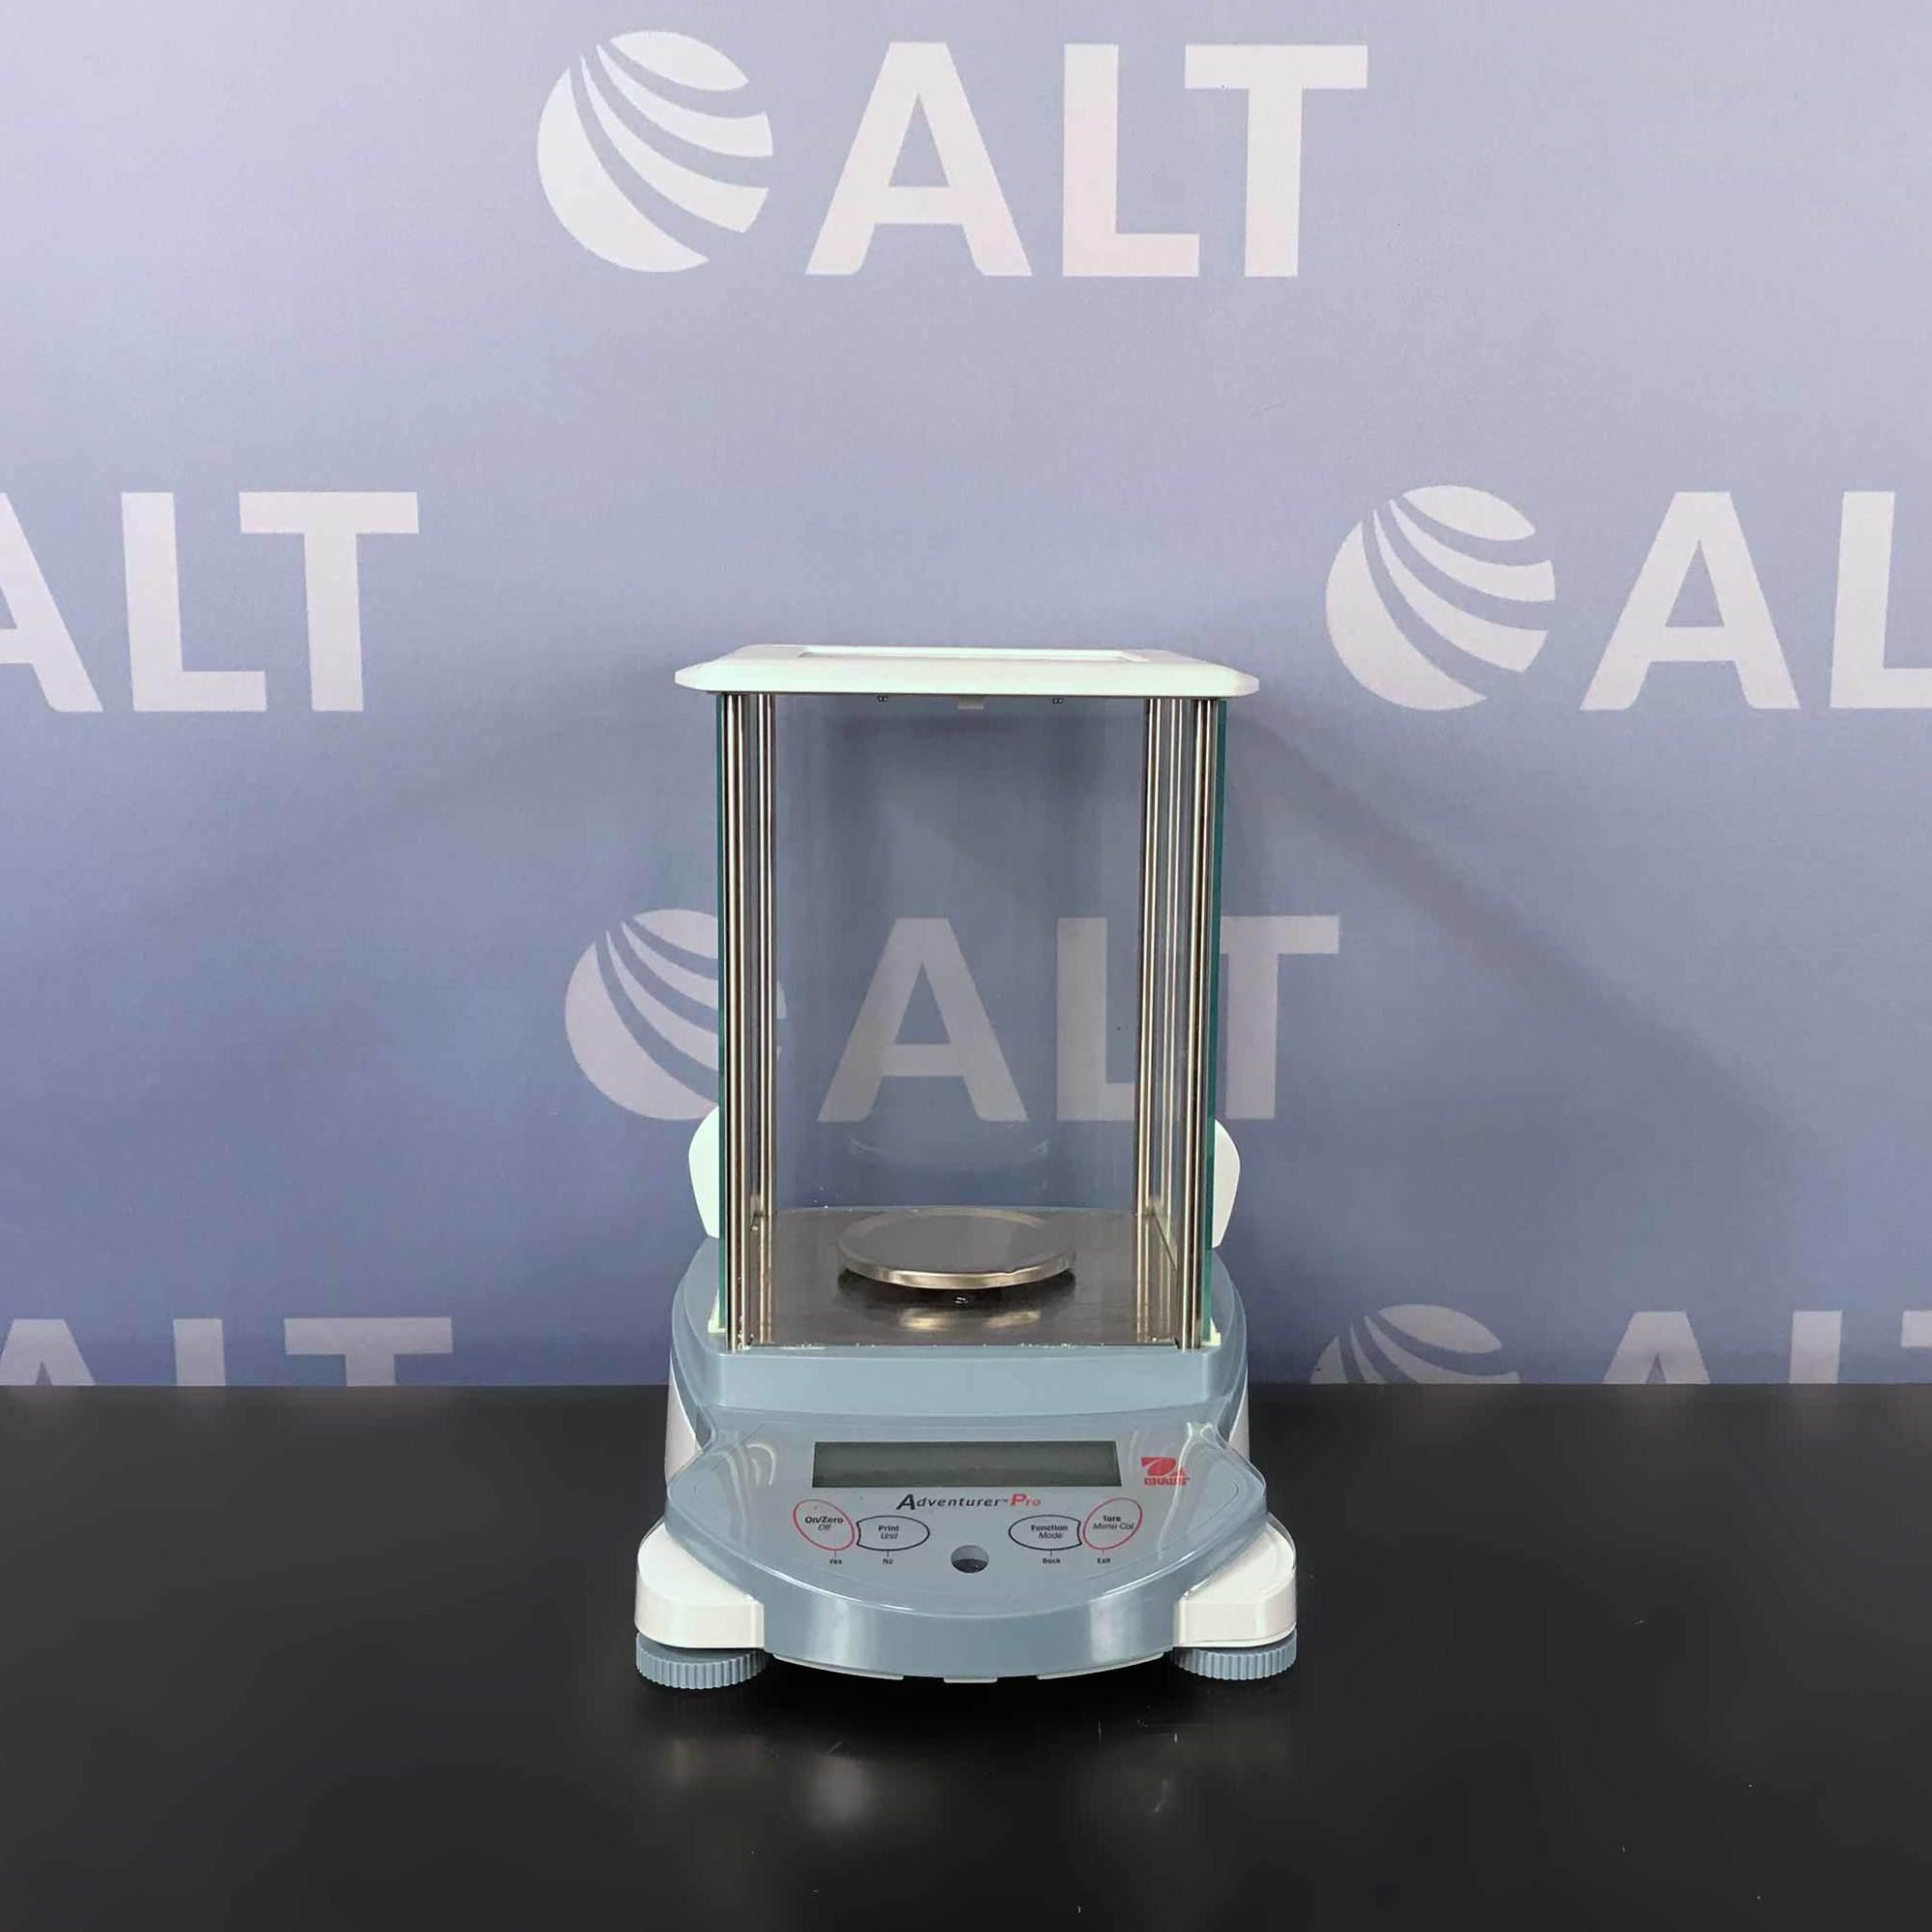 AV114C Adventurer Pro Analytical Balance Name